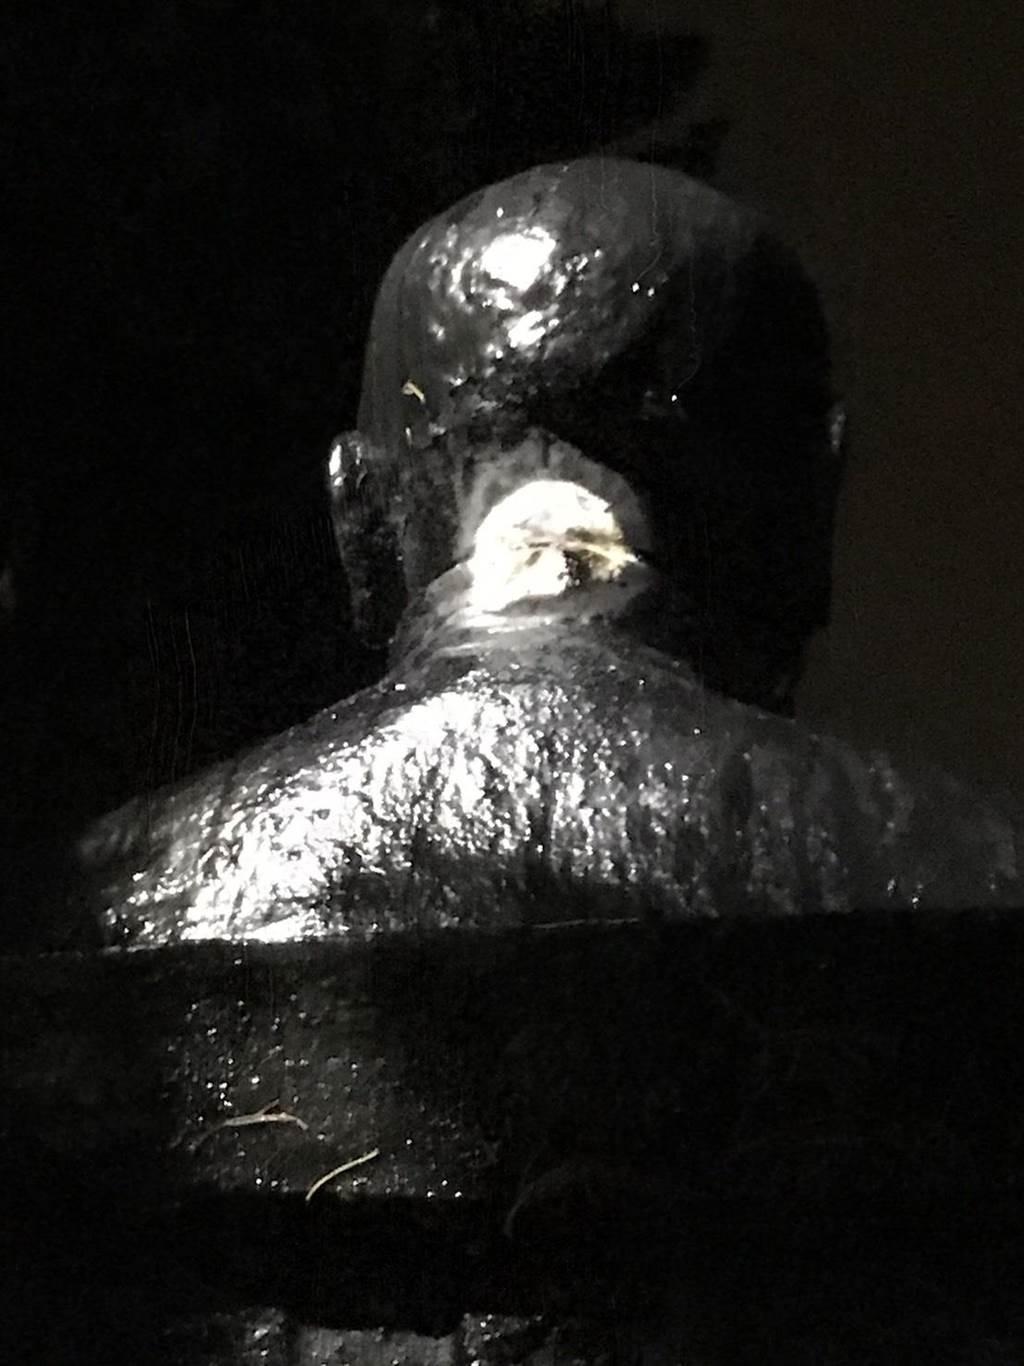 陽明山光復樓前的蔣公頭像日前遭斬首,才剛接回去,還看得出切割的痕跡。昨天晚間10點半,郭姓、林姓2男子以高溫焊接噴槍,想要以火焰融化銅像頸部切割頭部。(李文正翻攝)